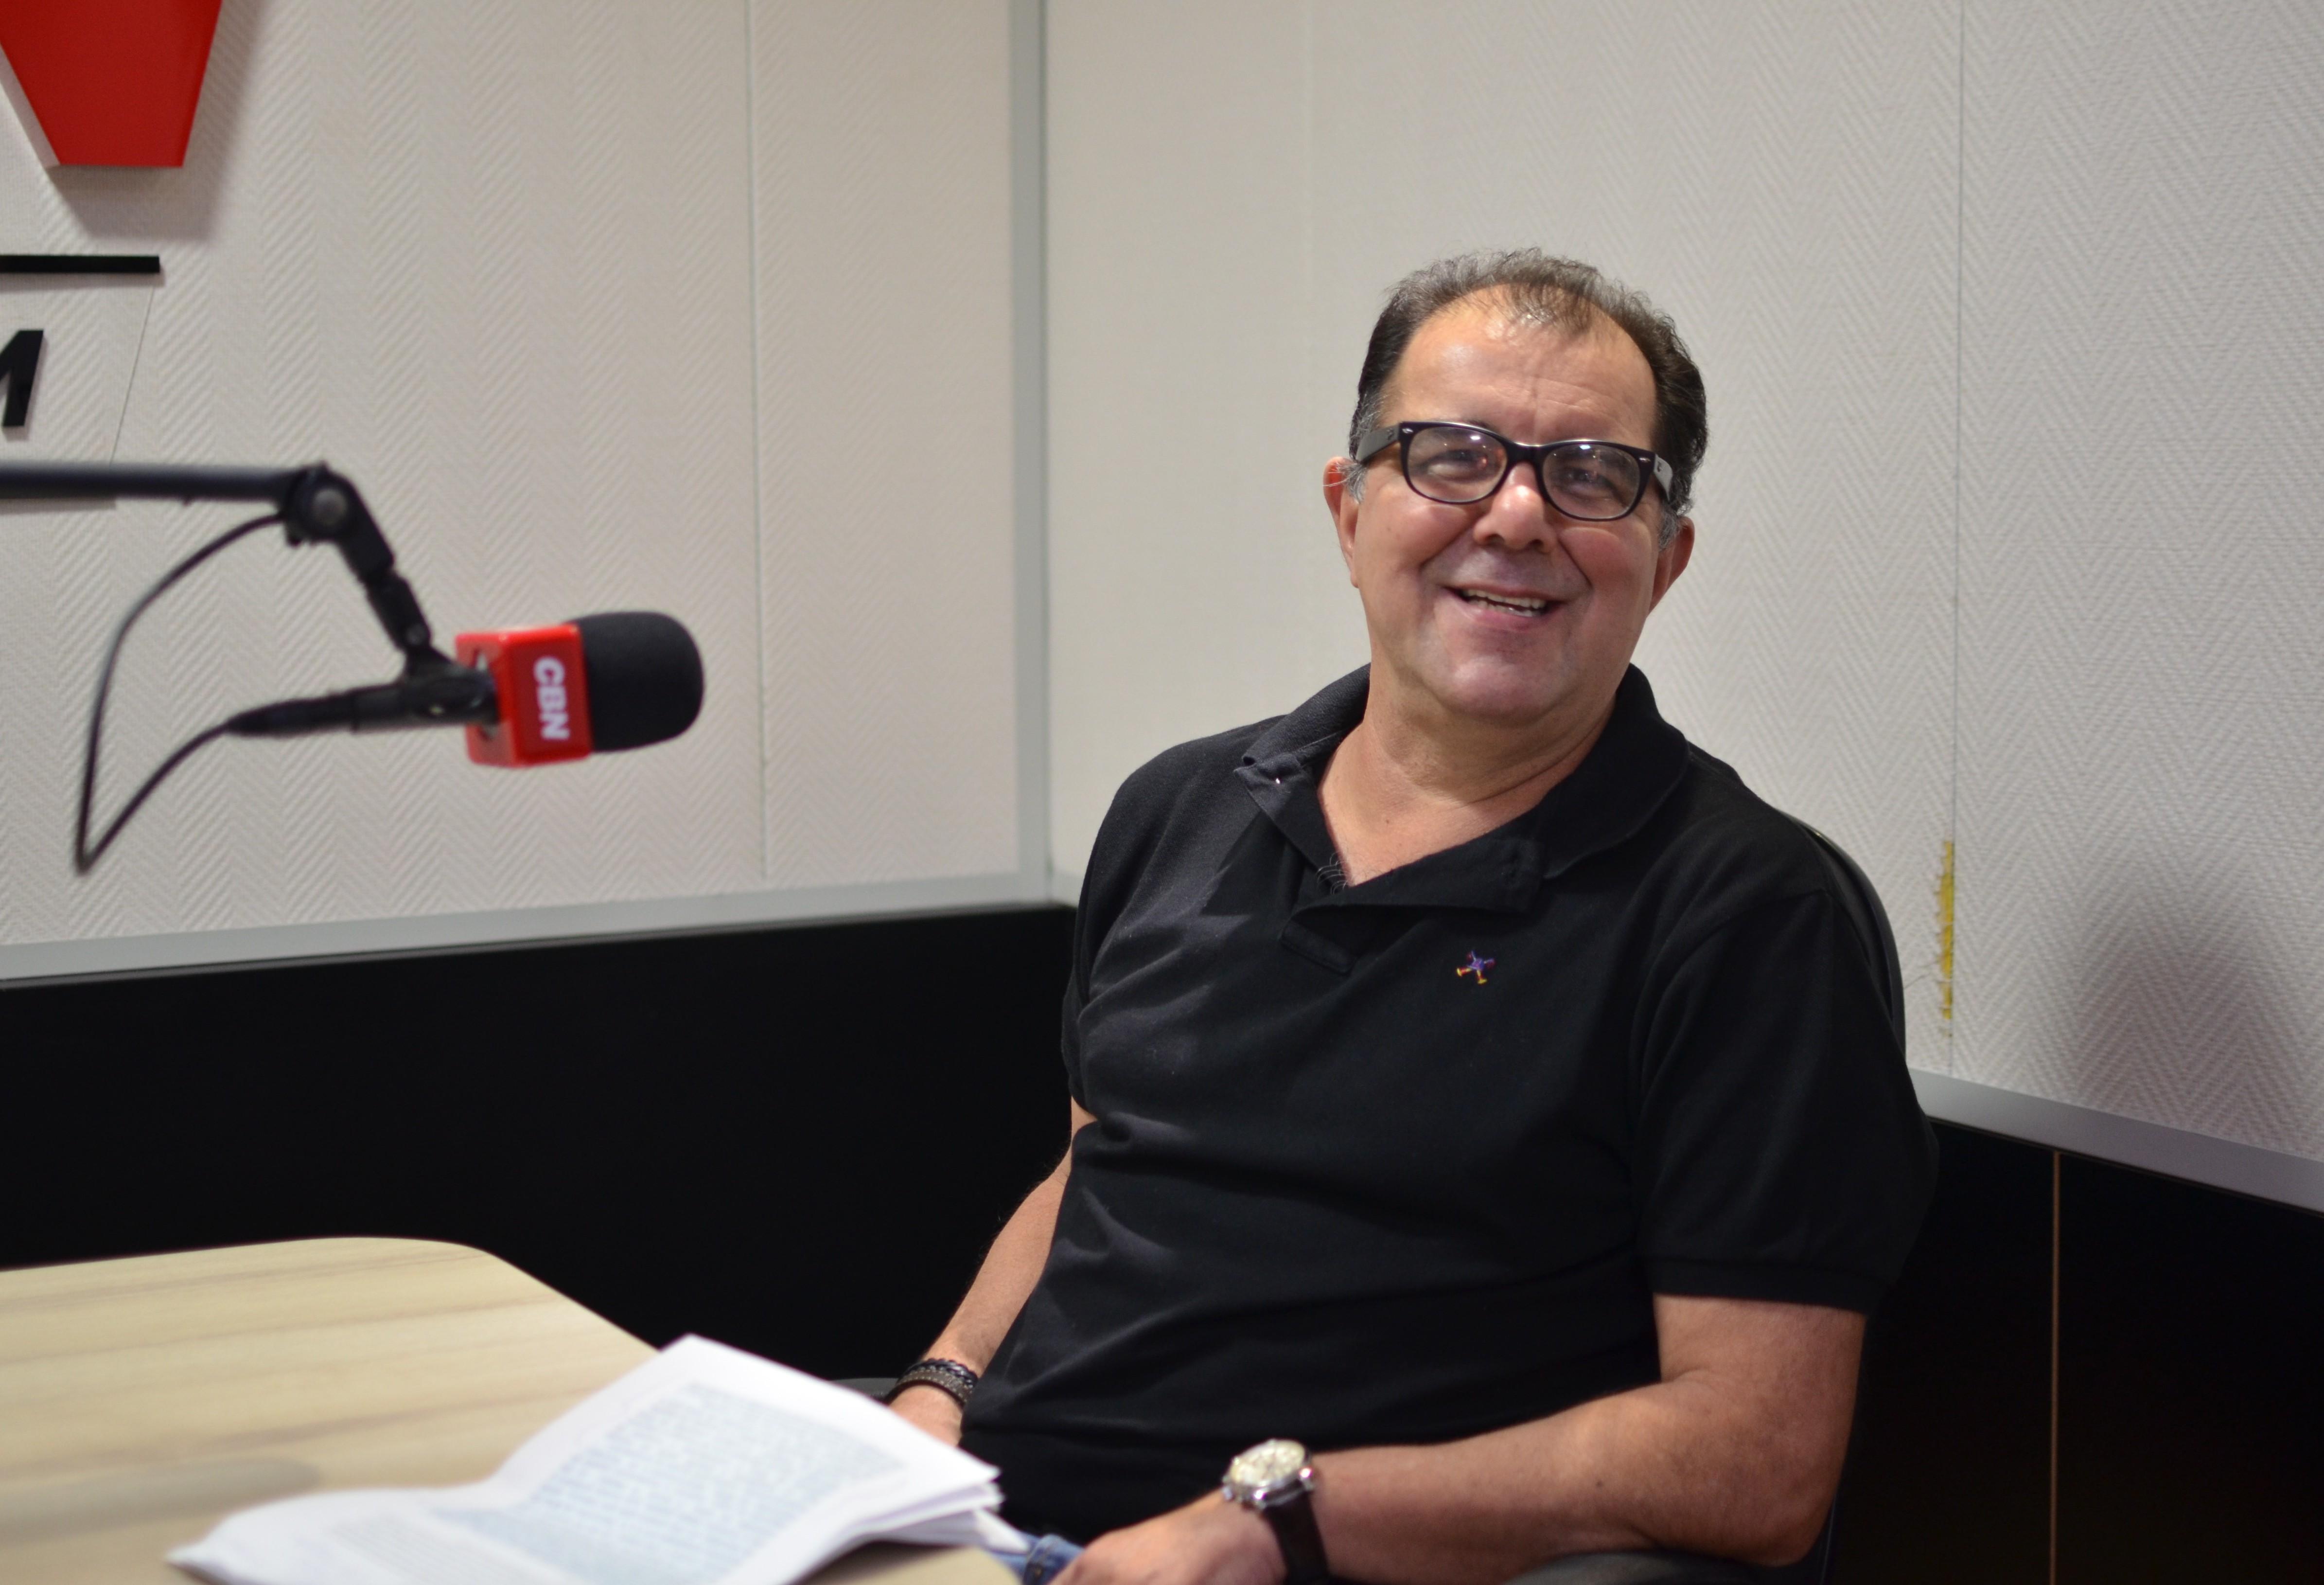 Petronilho de Brito, Além de criar o chute de bicicleta, foi o primeiro jogar negro a jogar fora do Brasil